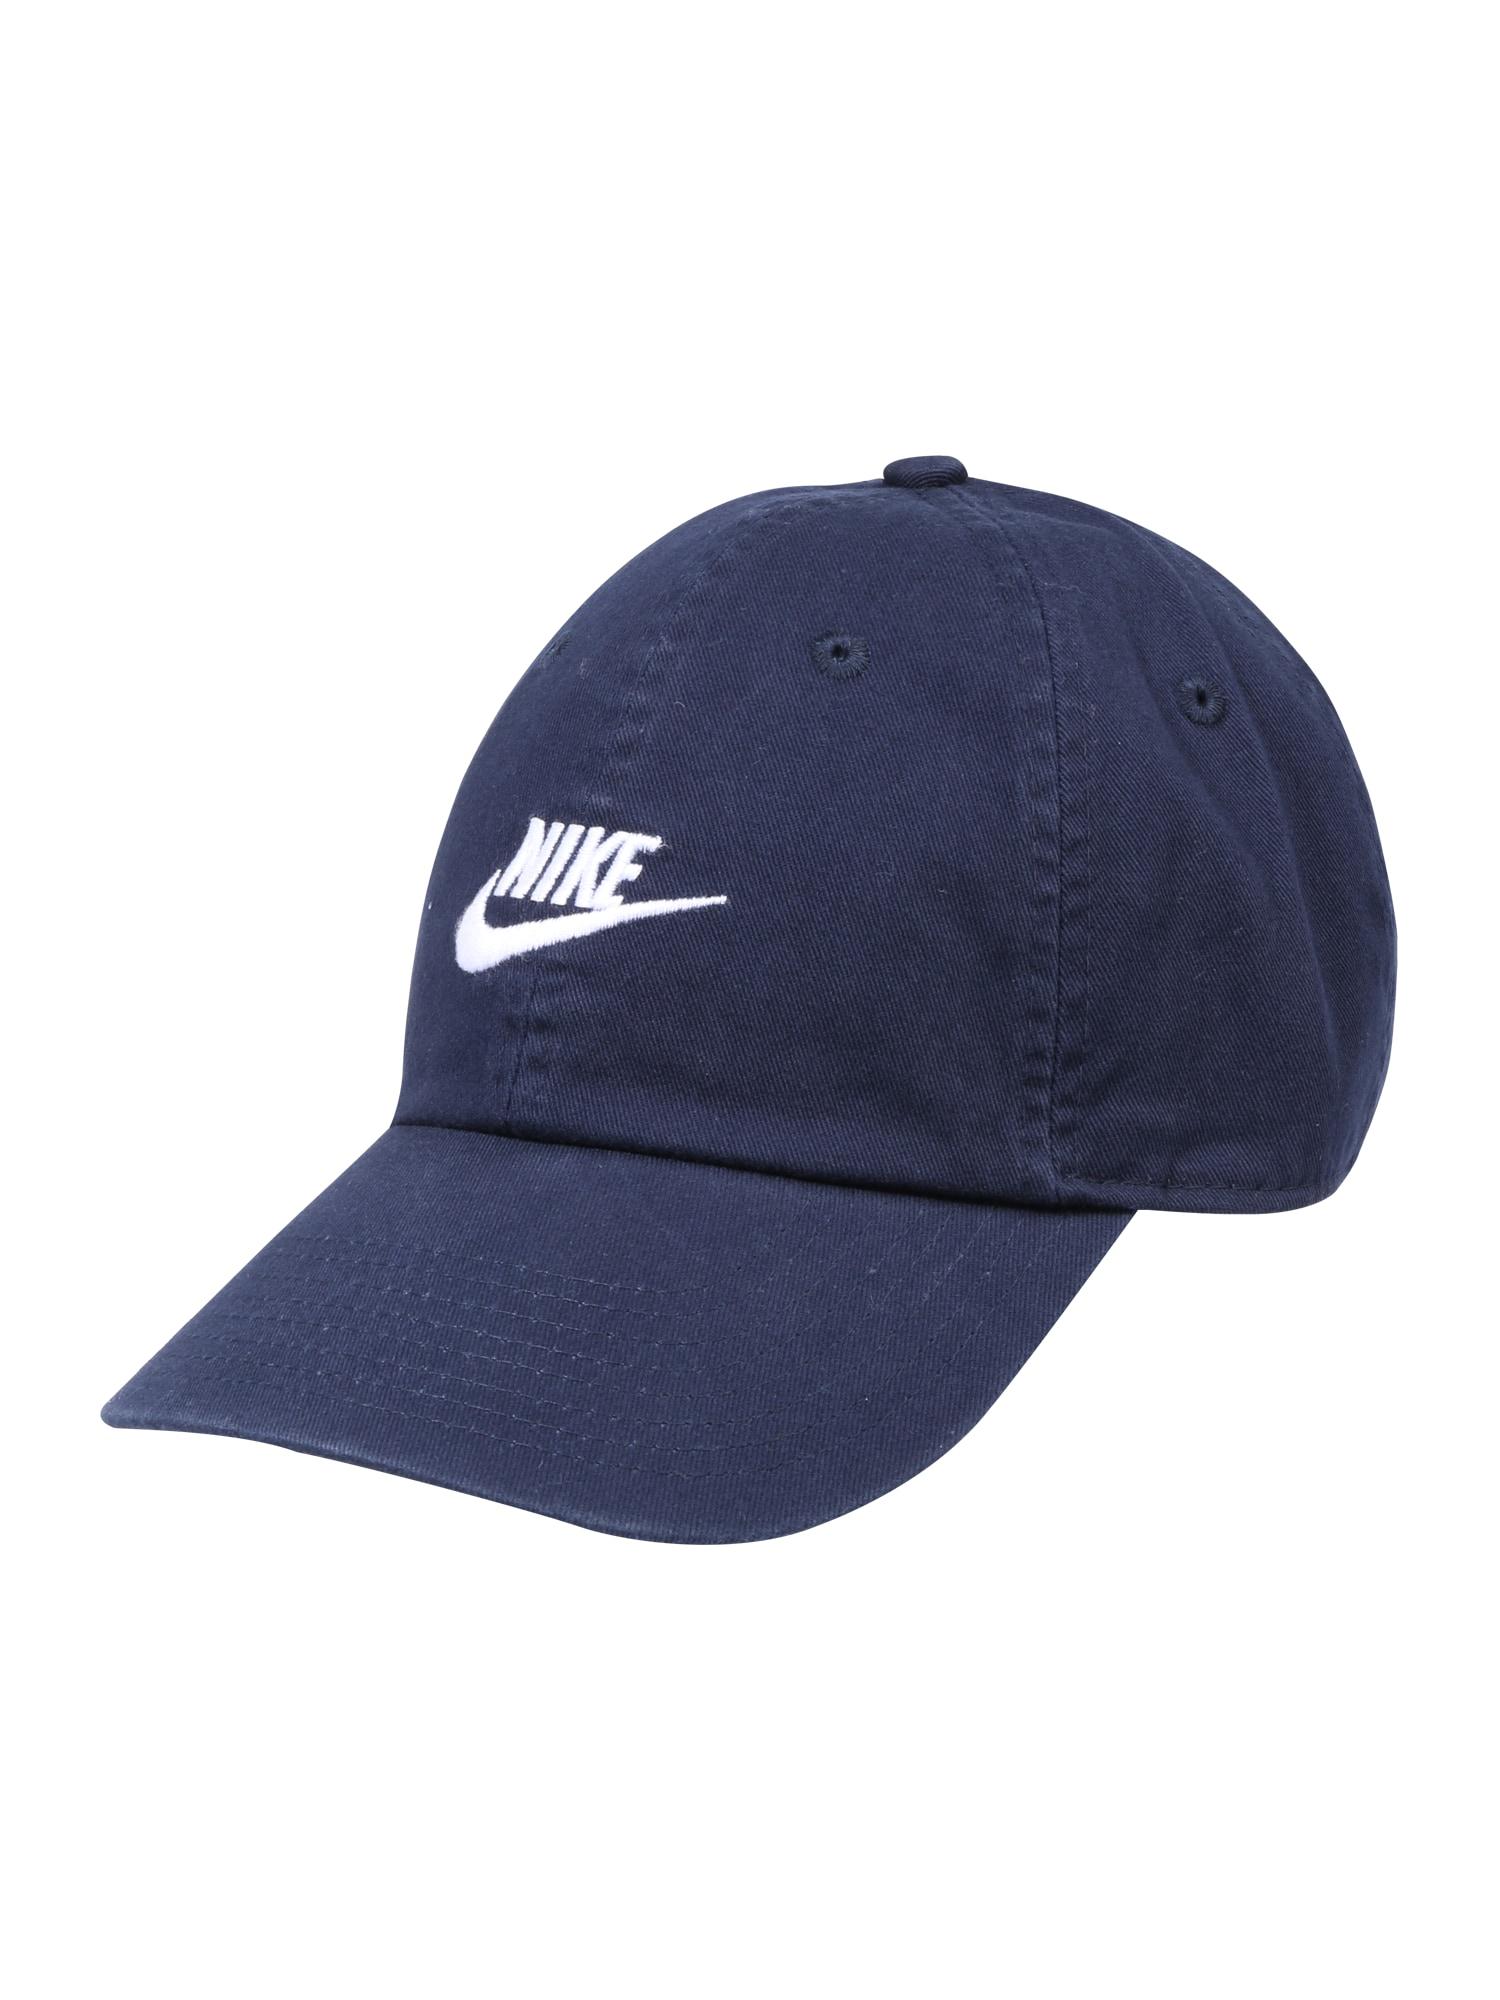 Nike Sportswear, Dames Pet 'H86', donkerblauw / wit